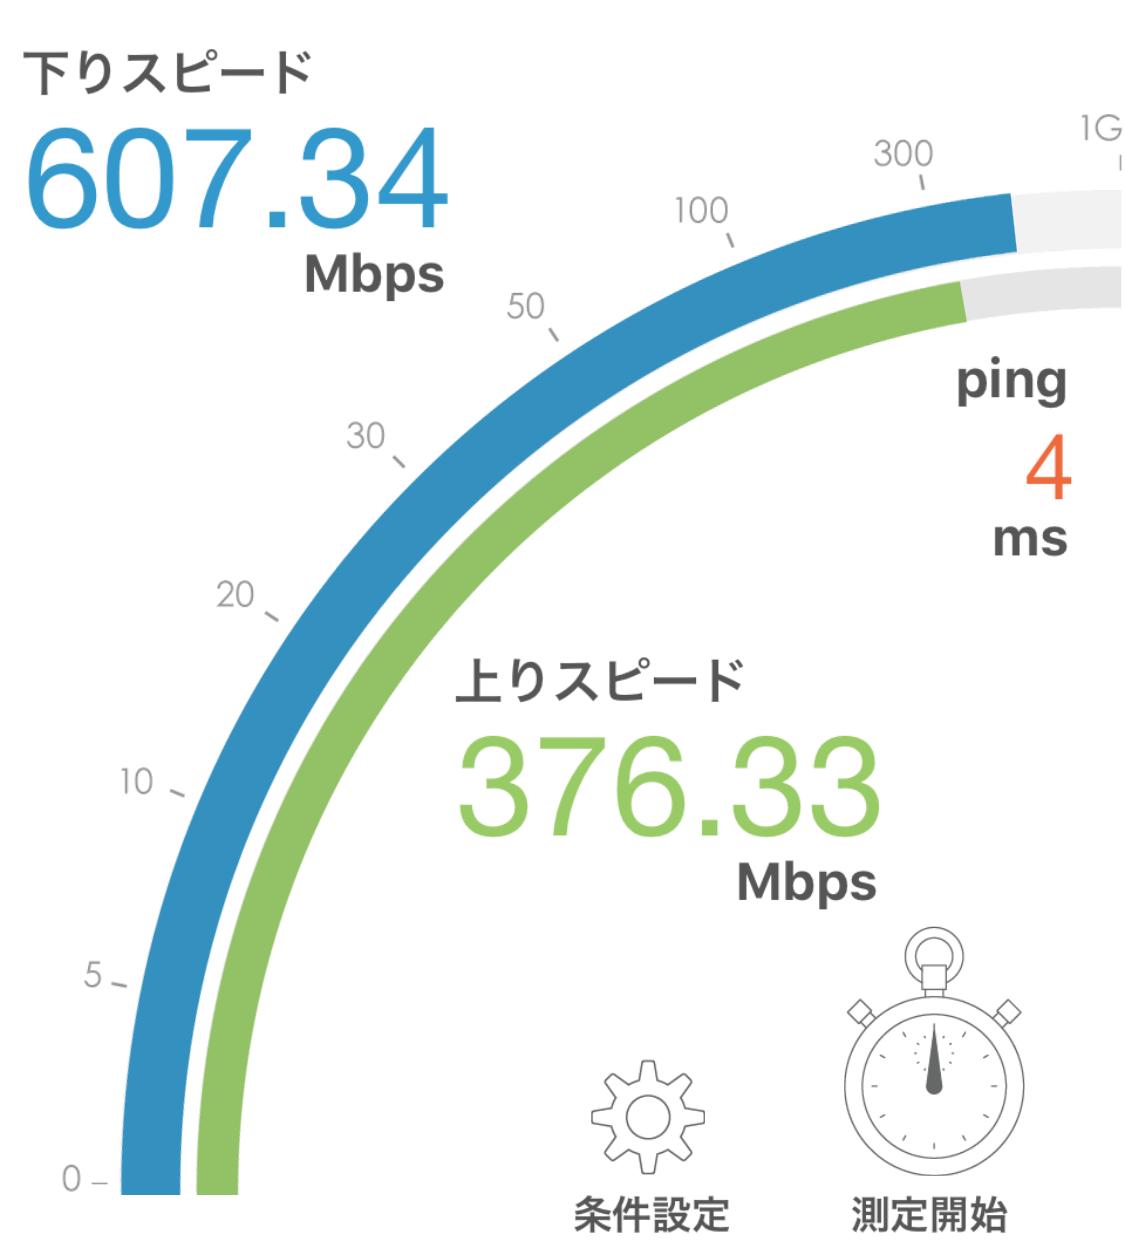 ニューロ光 Wi-Fi実測 2020年10月 計測結果